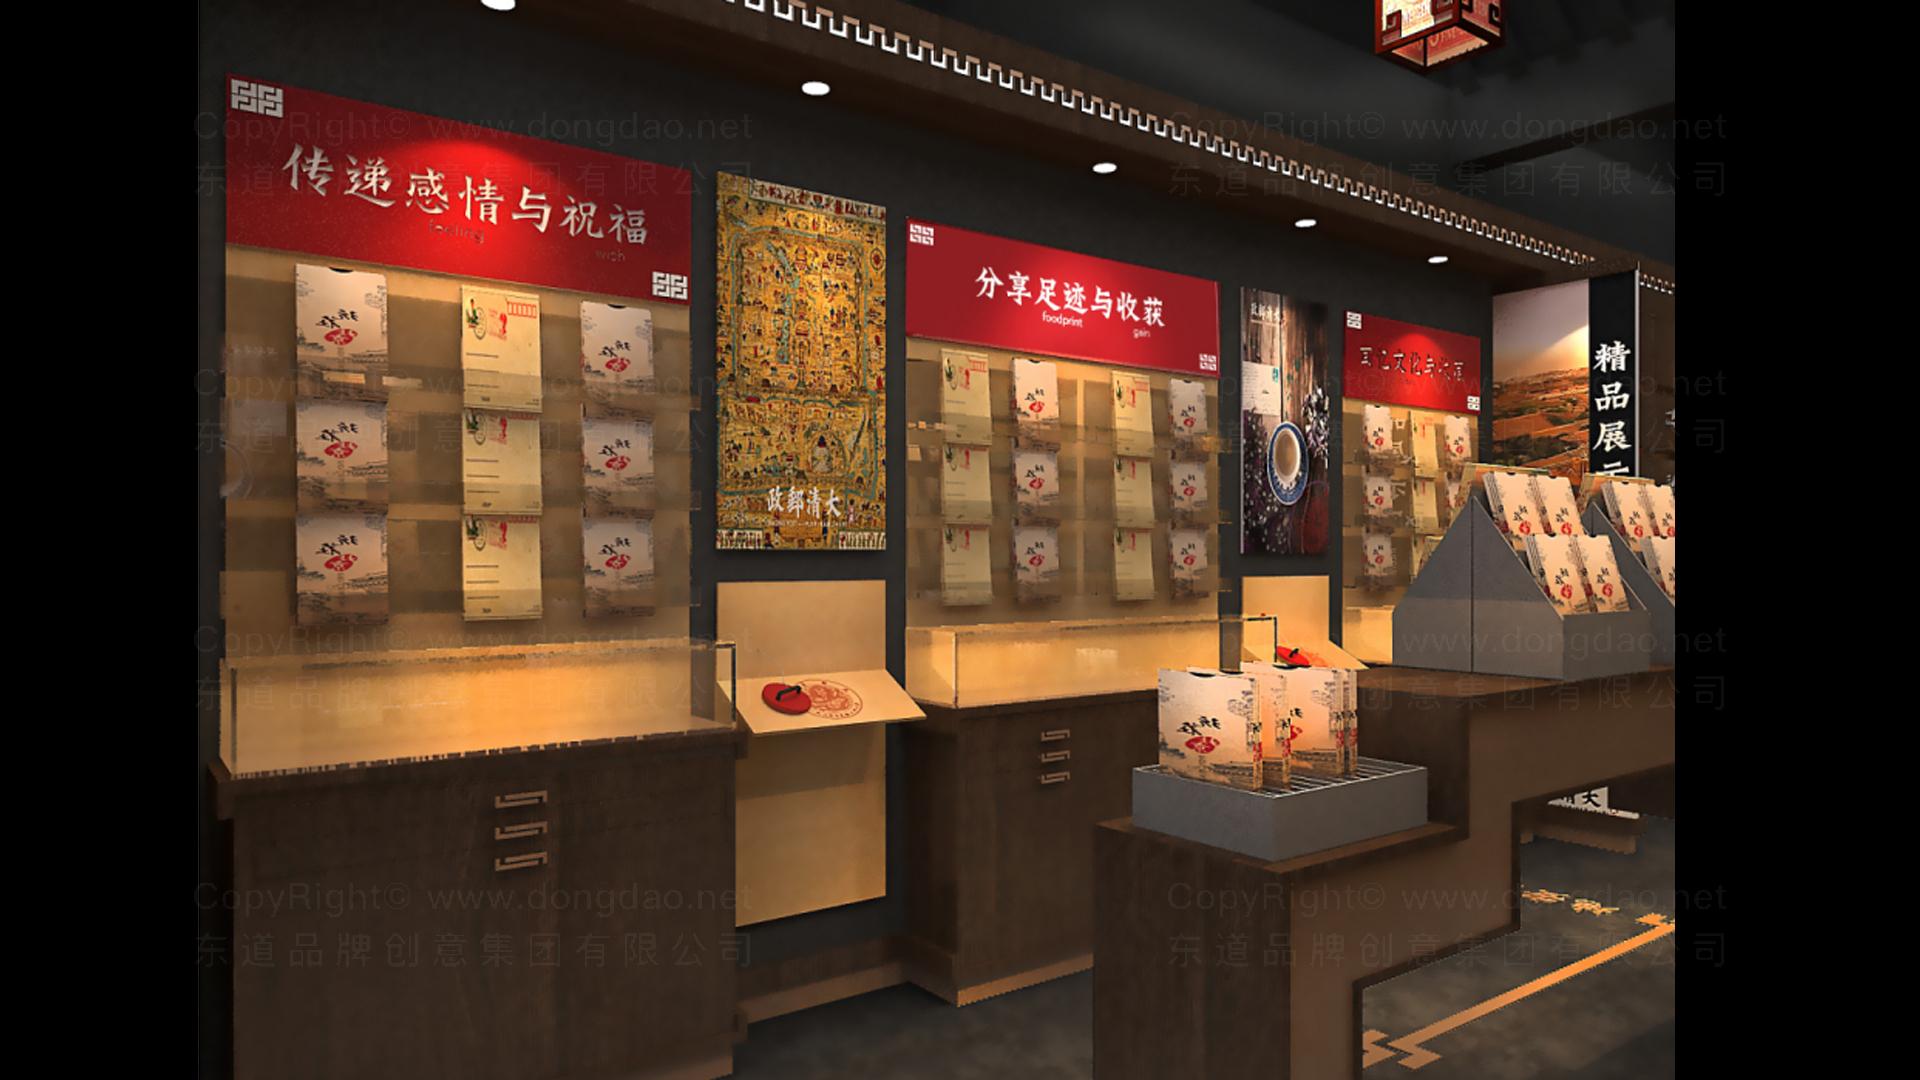 商业空间&导示大清邮政SI设计应用场景_1